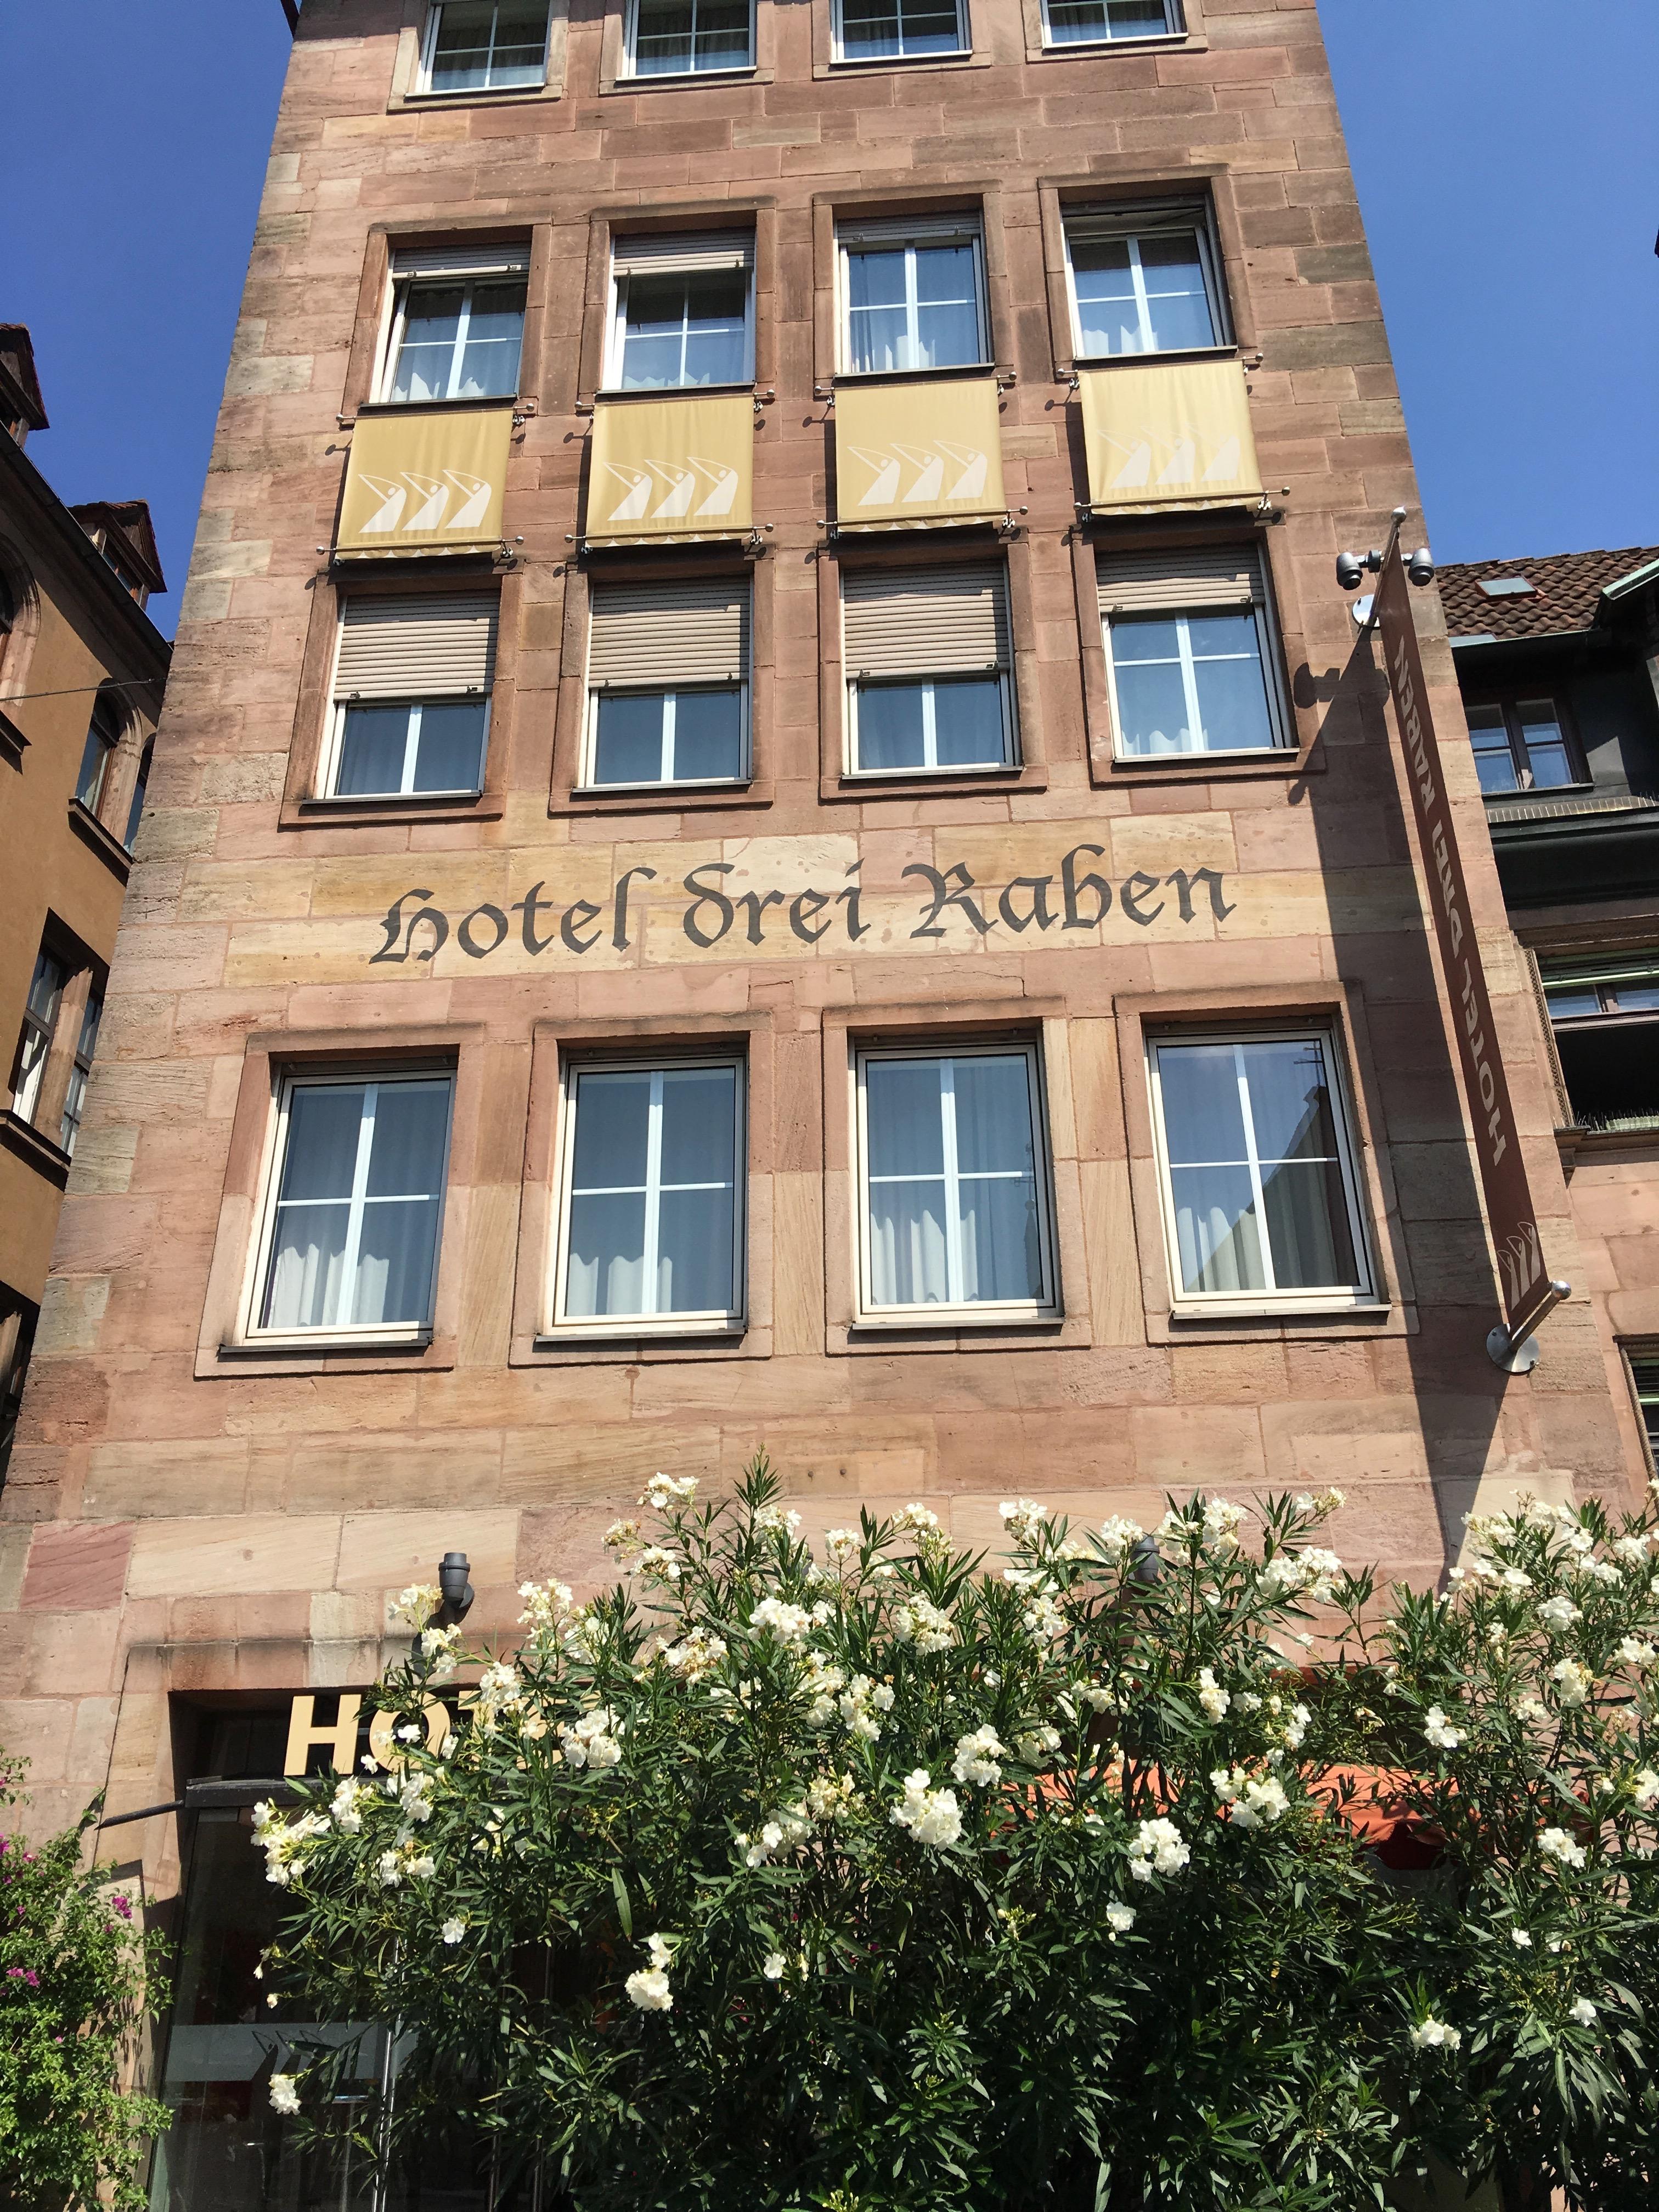 Hotel Drei Raben or the 3 Ravens. Nuremberg